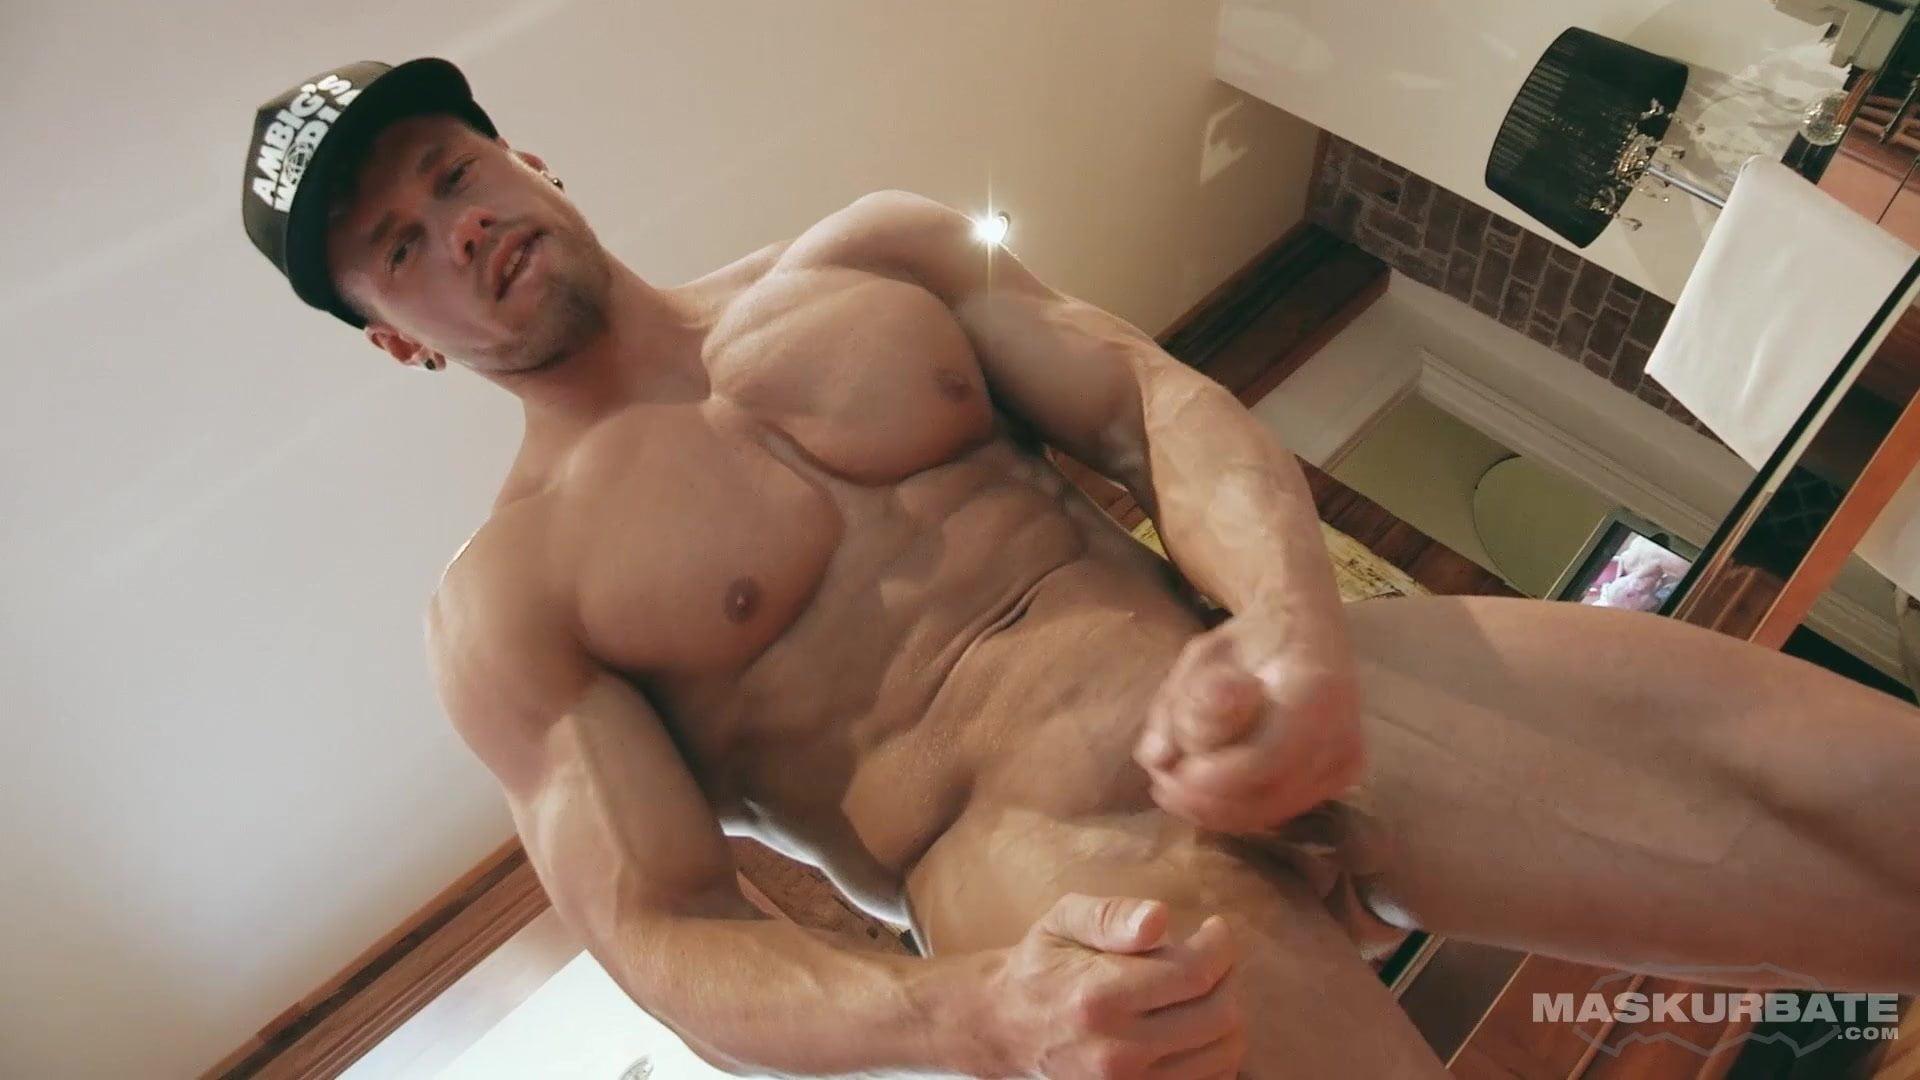 Hot gay jock strokes his dick